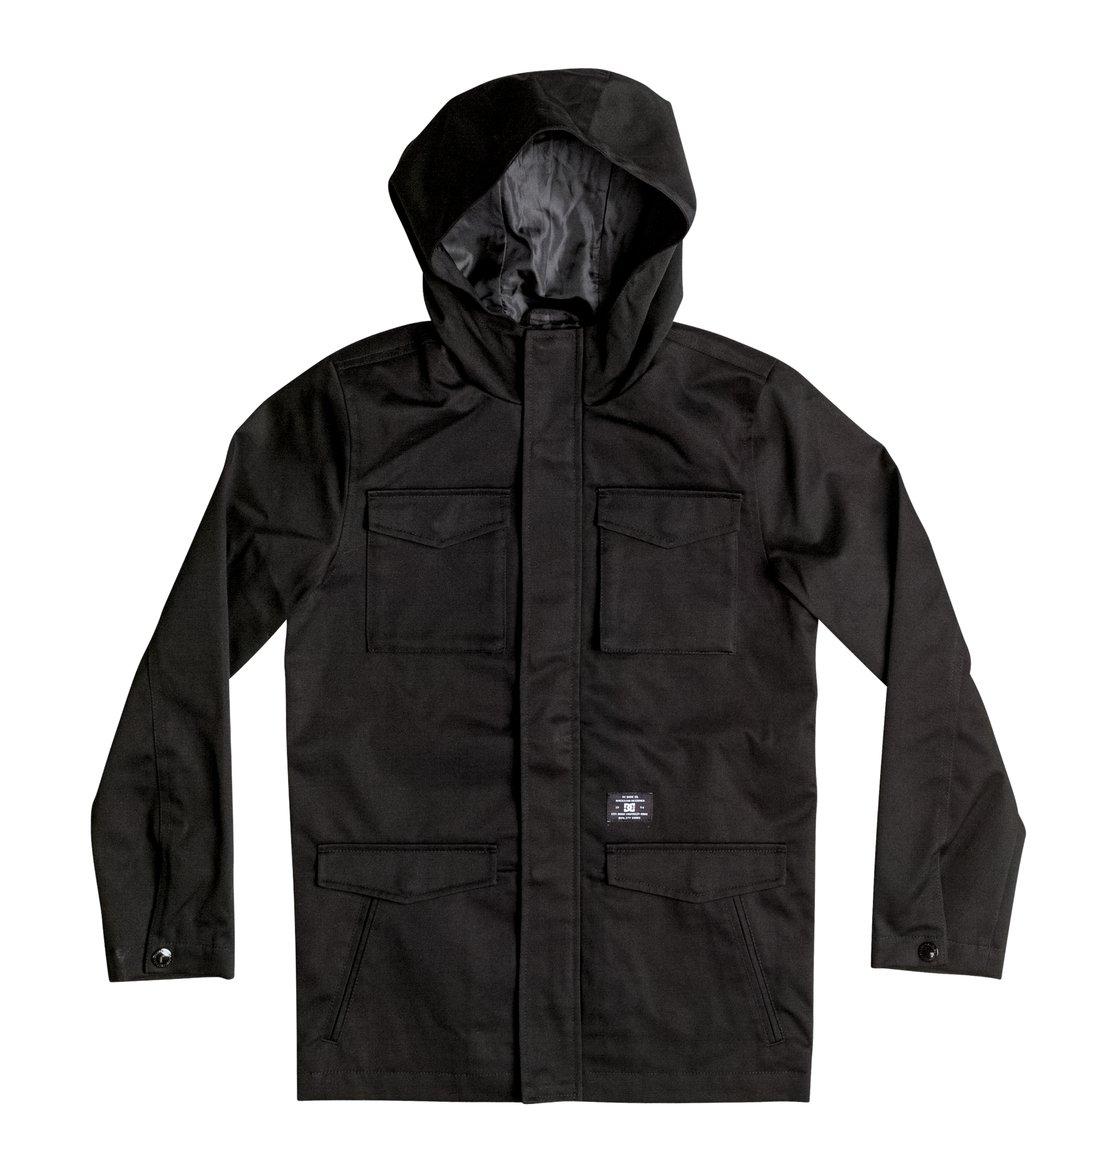 Армейская куртка Mastadon по мотивам M65